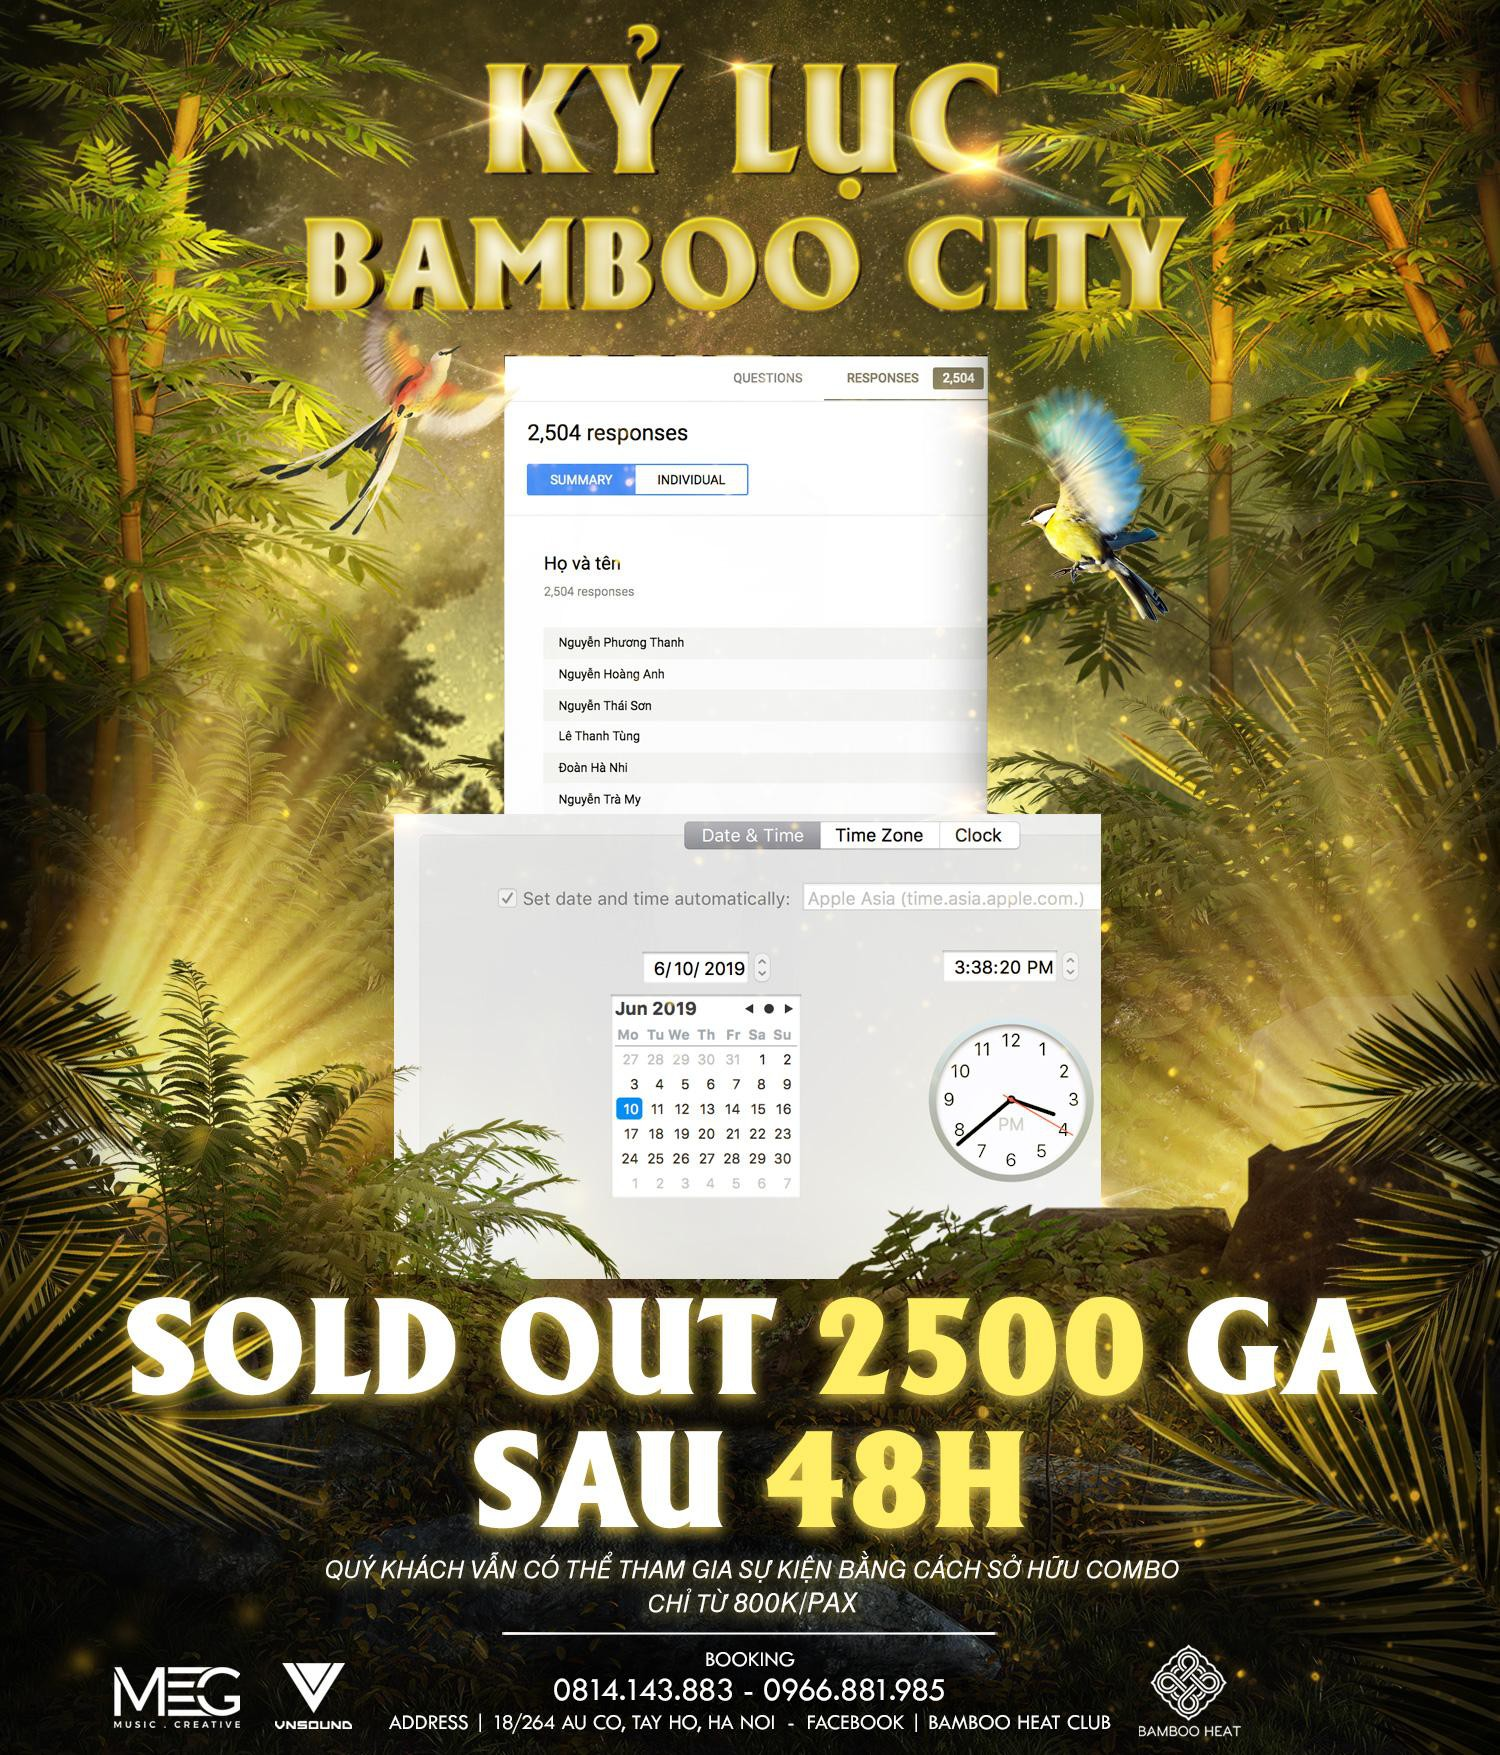 """Còn gì nóng bằng Bamboo City: Sold out 2.500 vé free sau 48h, giới trẻ xôn xao tìm cách """"thâm nhập""""? - Ảnh 1."""